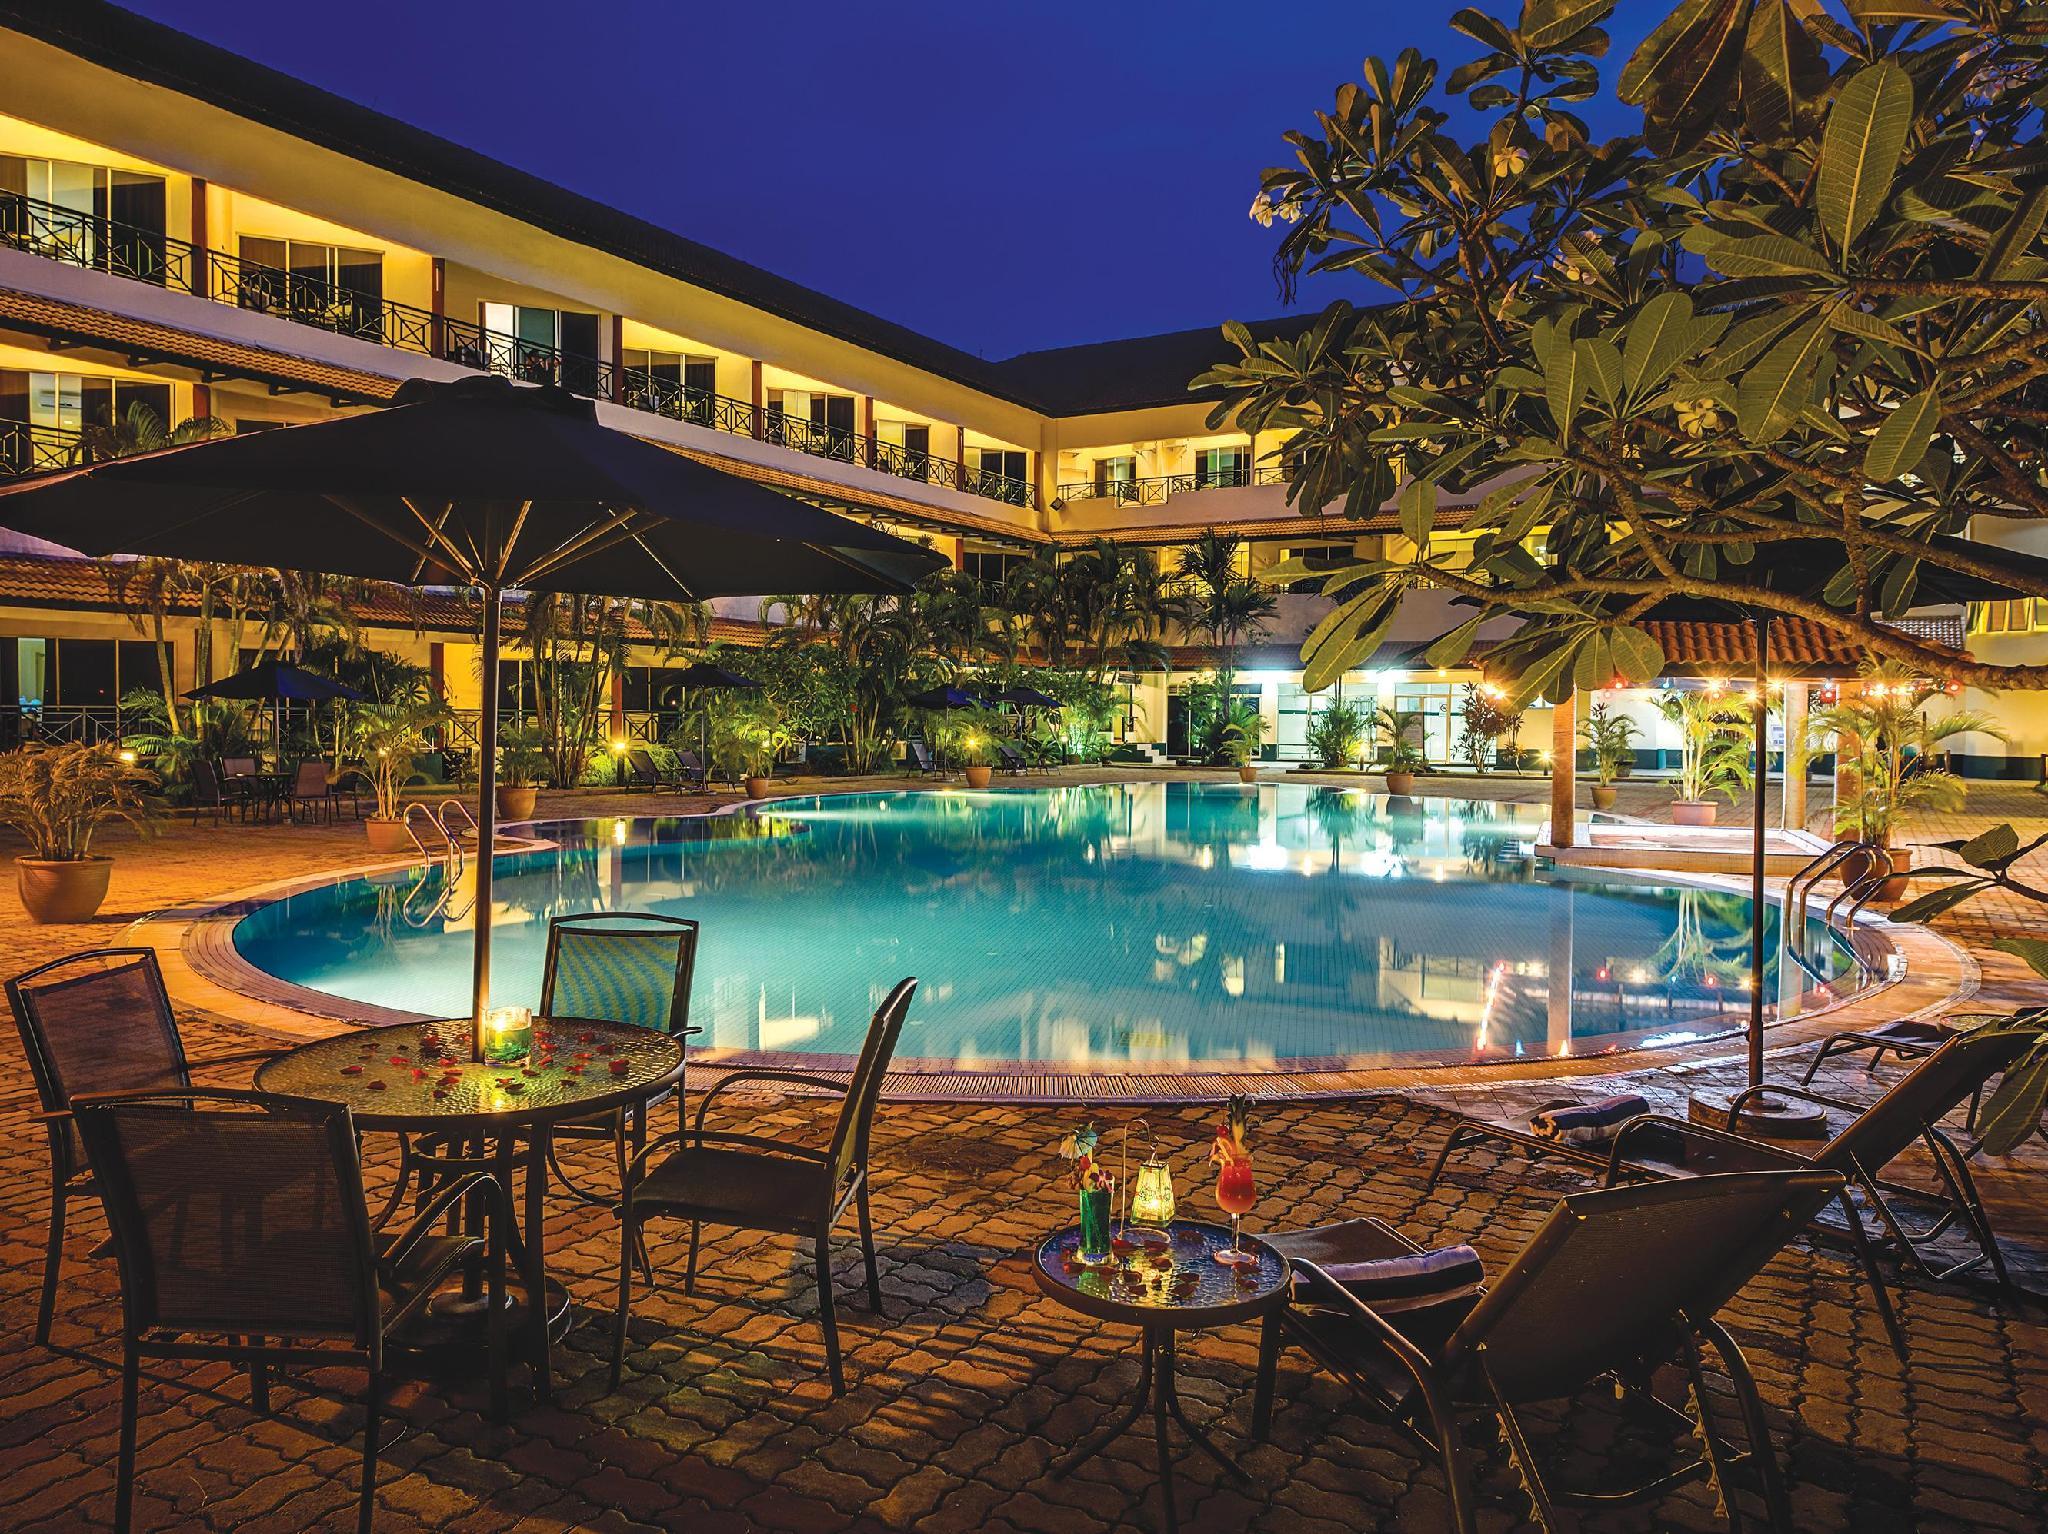 The Qamar Paka Resort